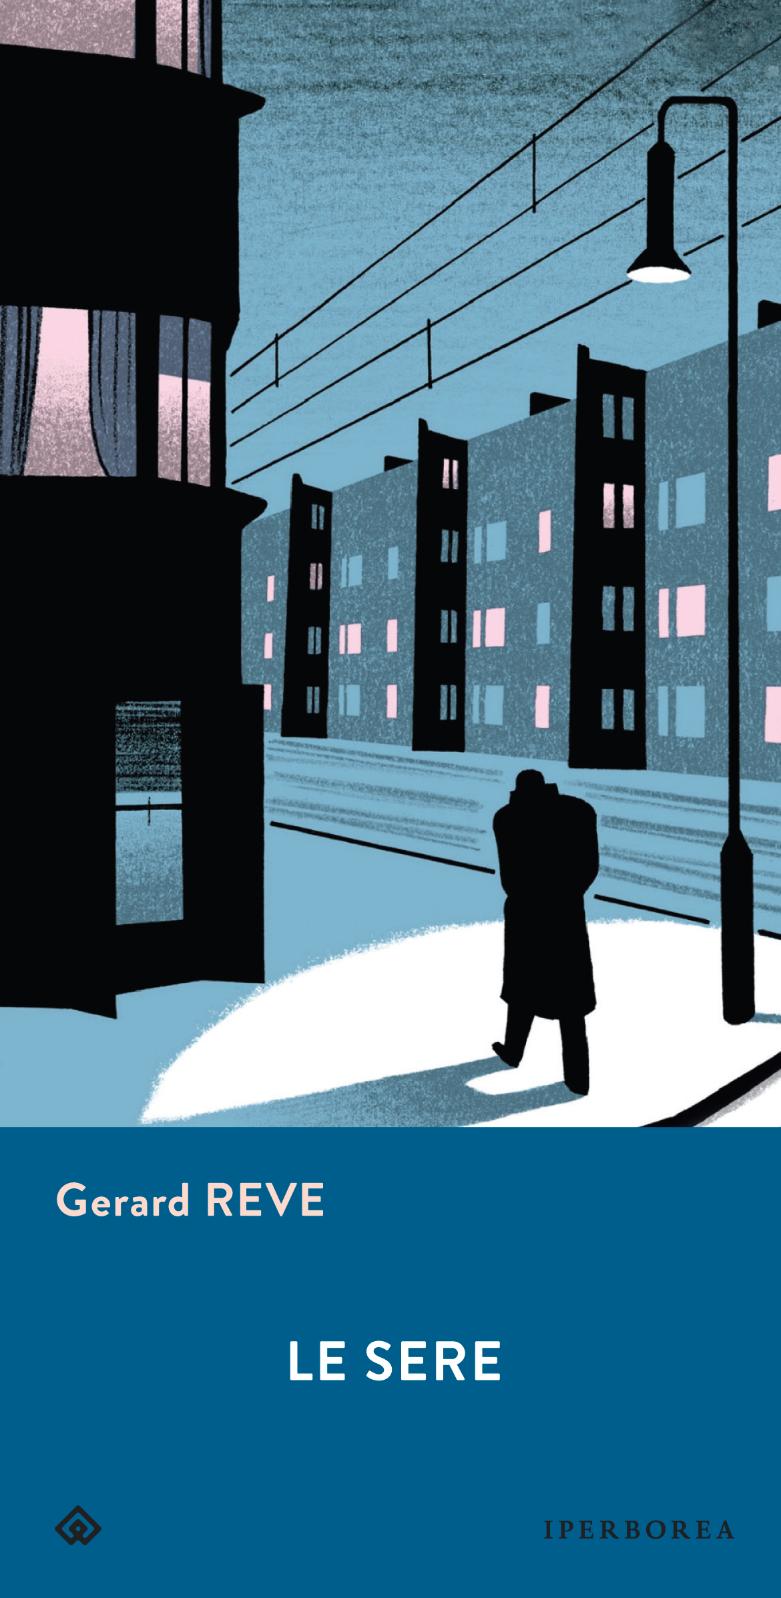 """Iperborea presenta """"Le sere"""" di Gerard Reve, da oggi 27/6 in libreria"""